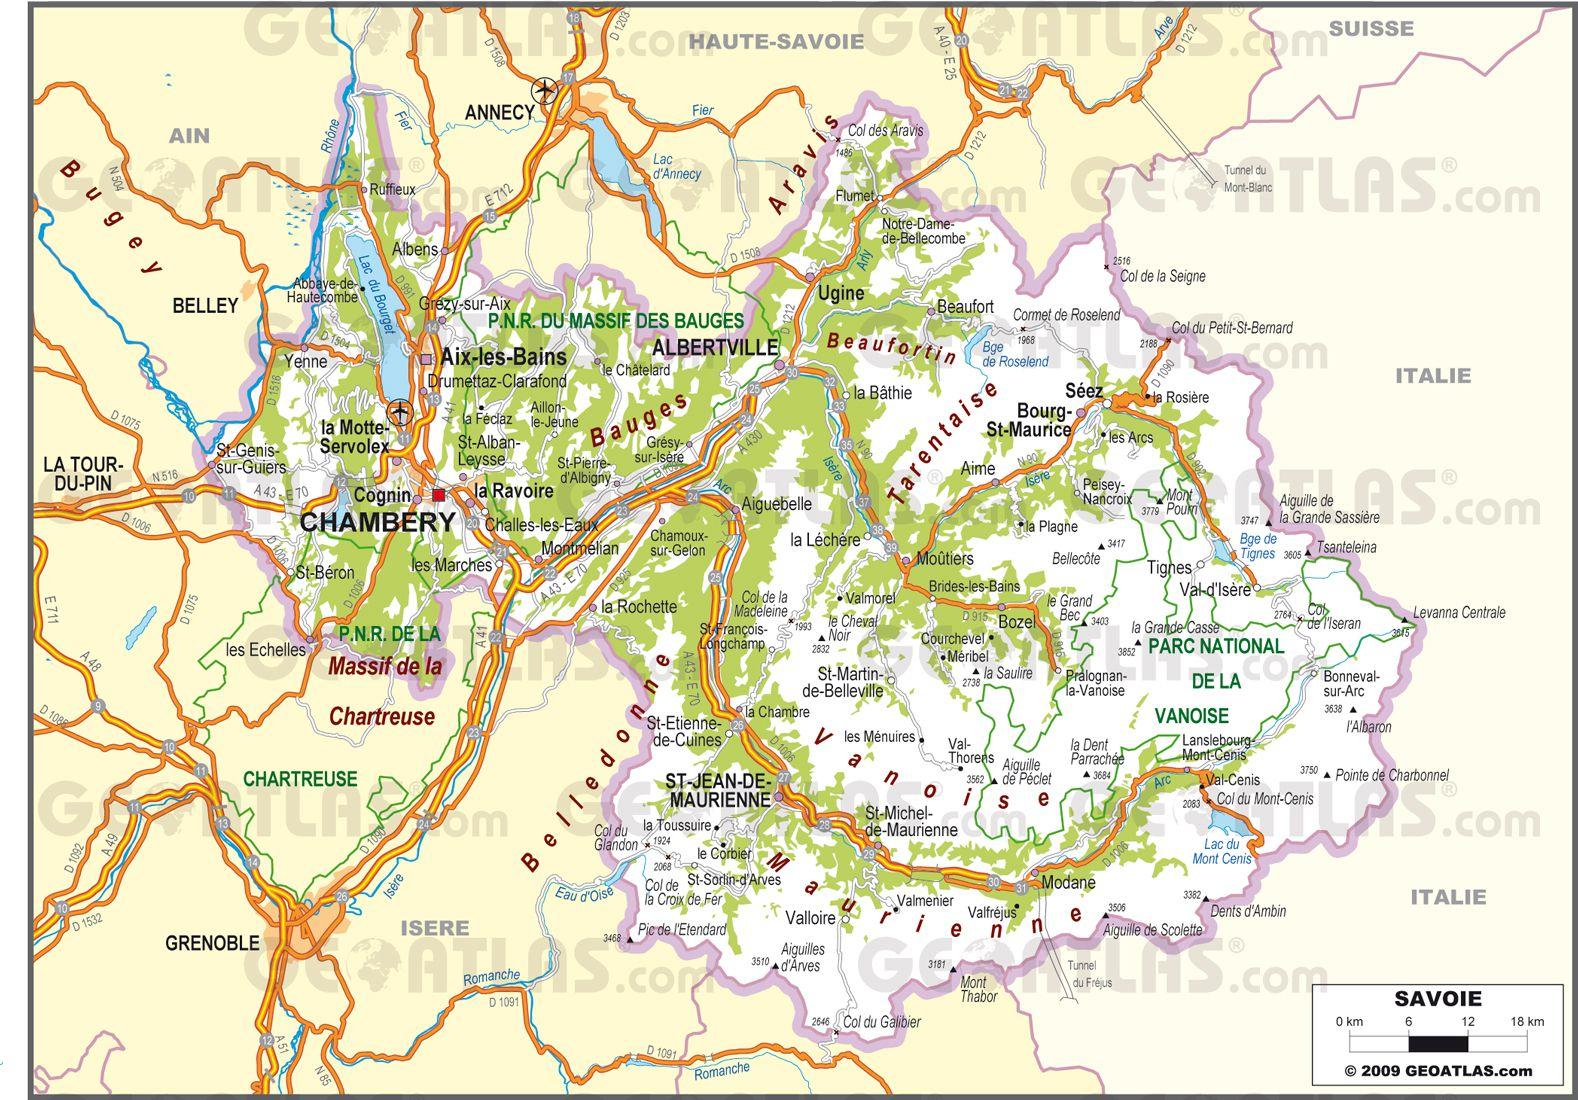 Carte routière de la Savoie